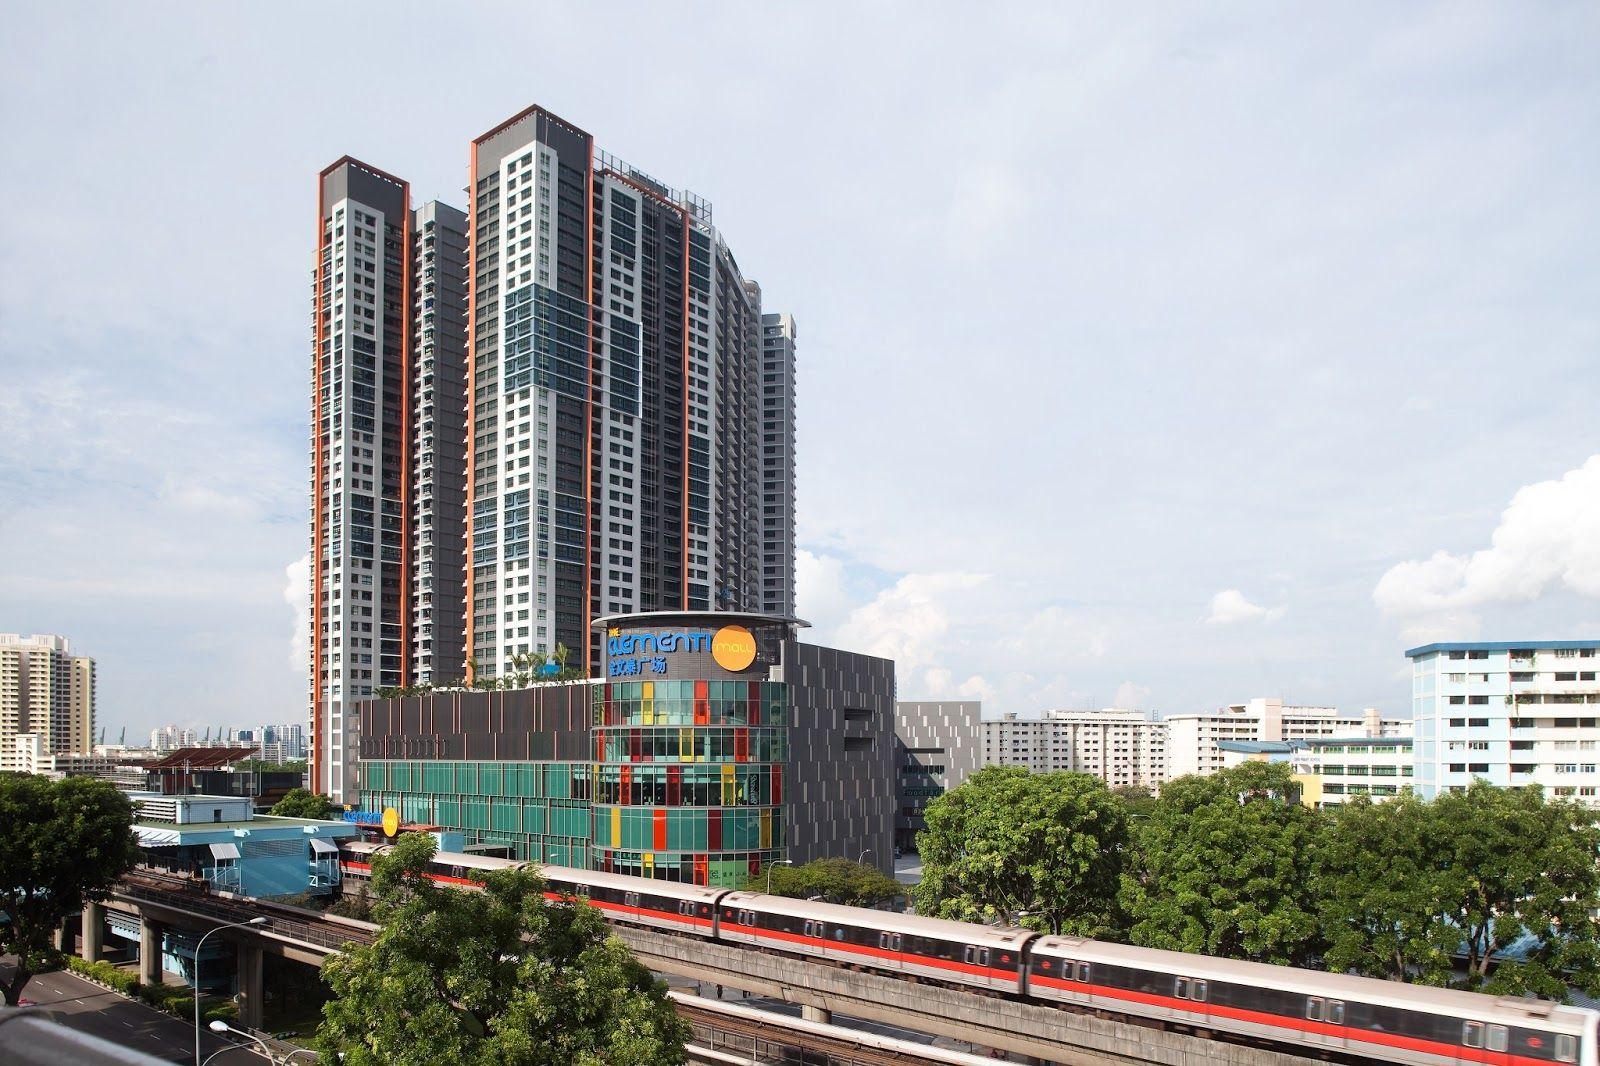 Clementi Mrt Singapore 🇸🇬   Singapore my home English